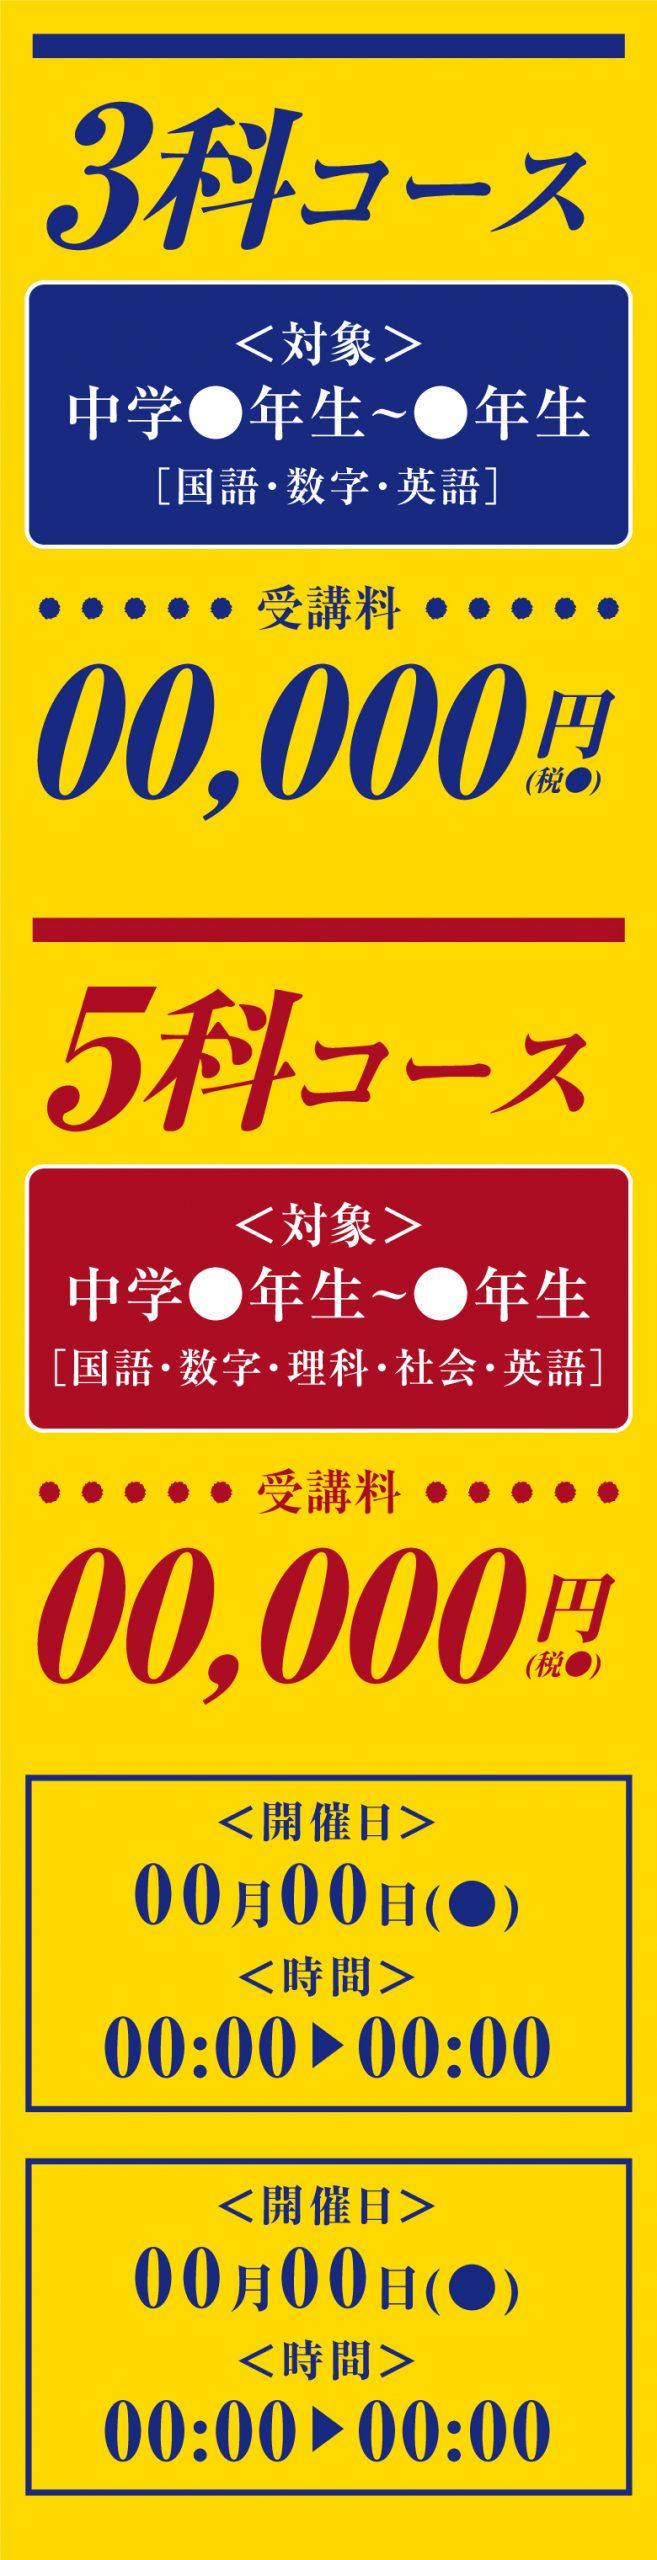 kds-case-20n-b-07